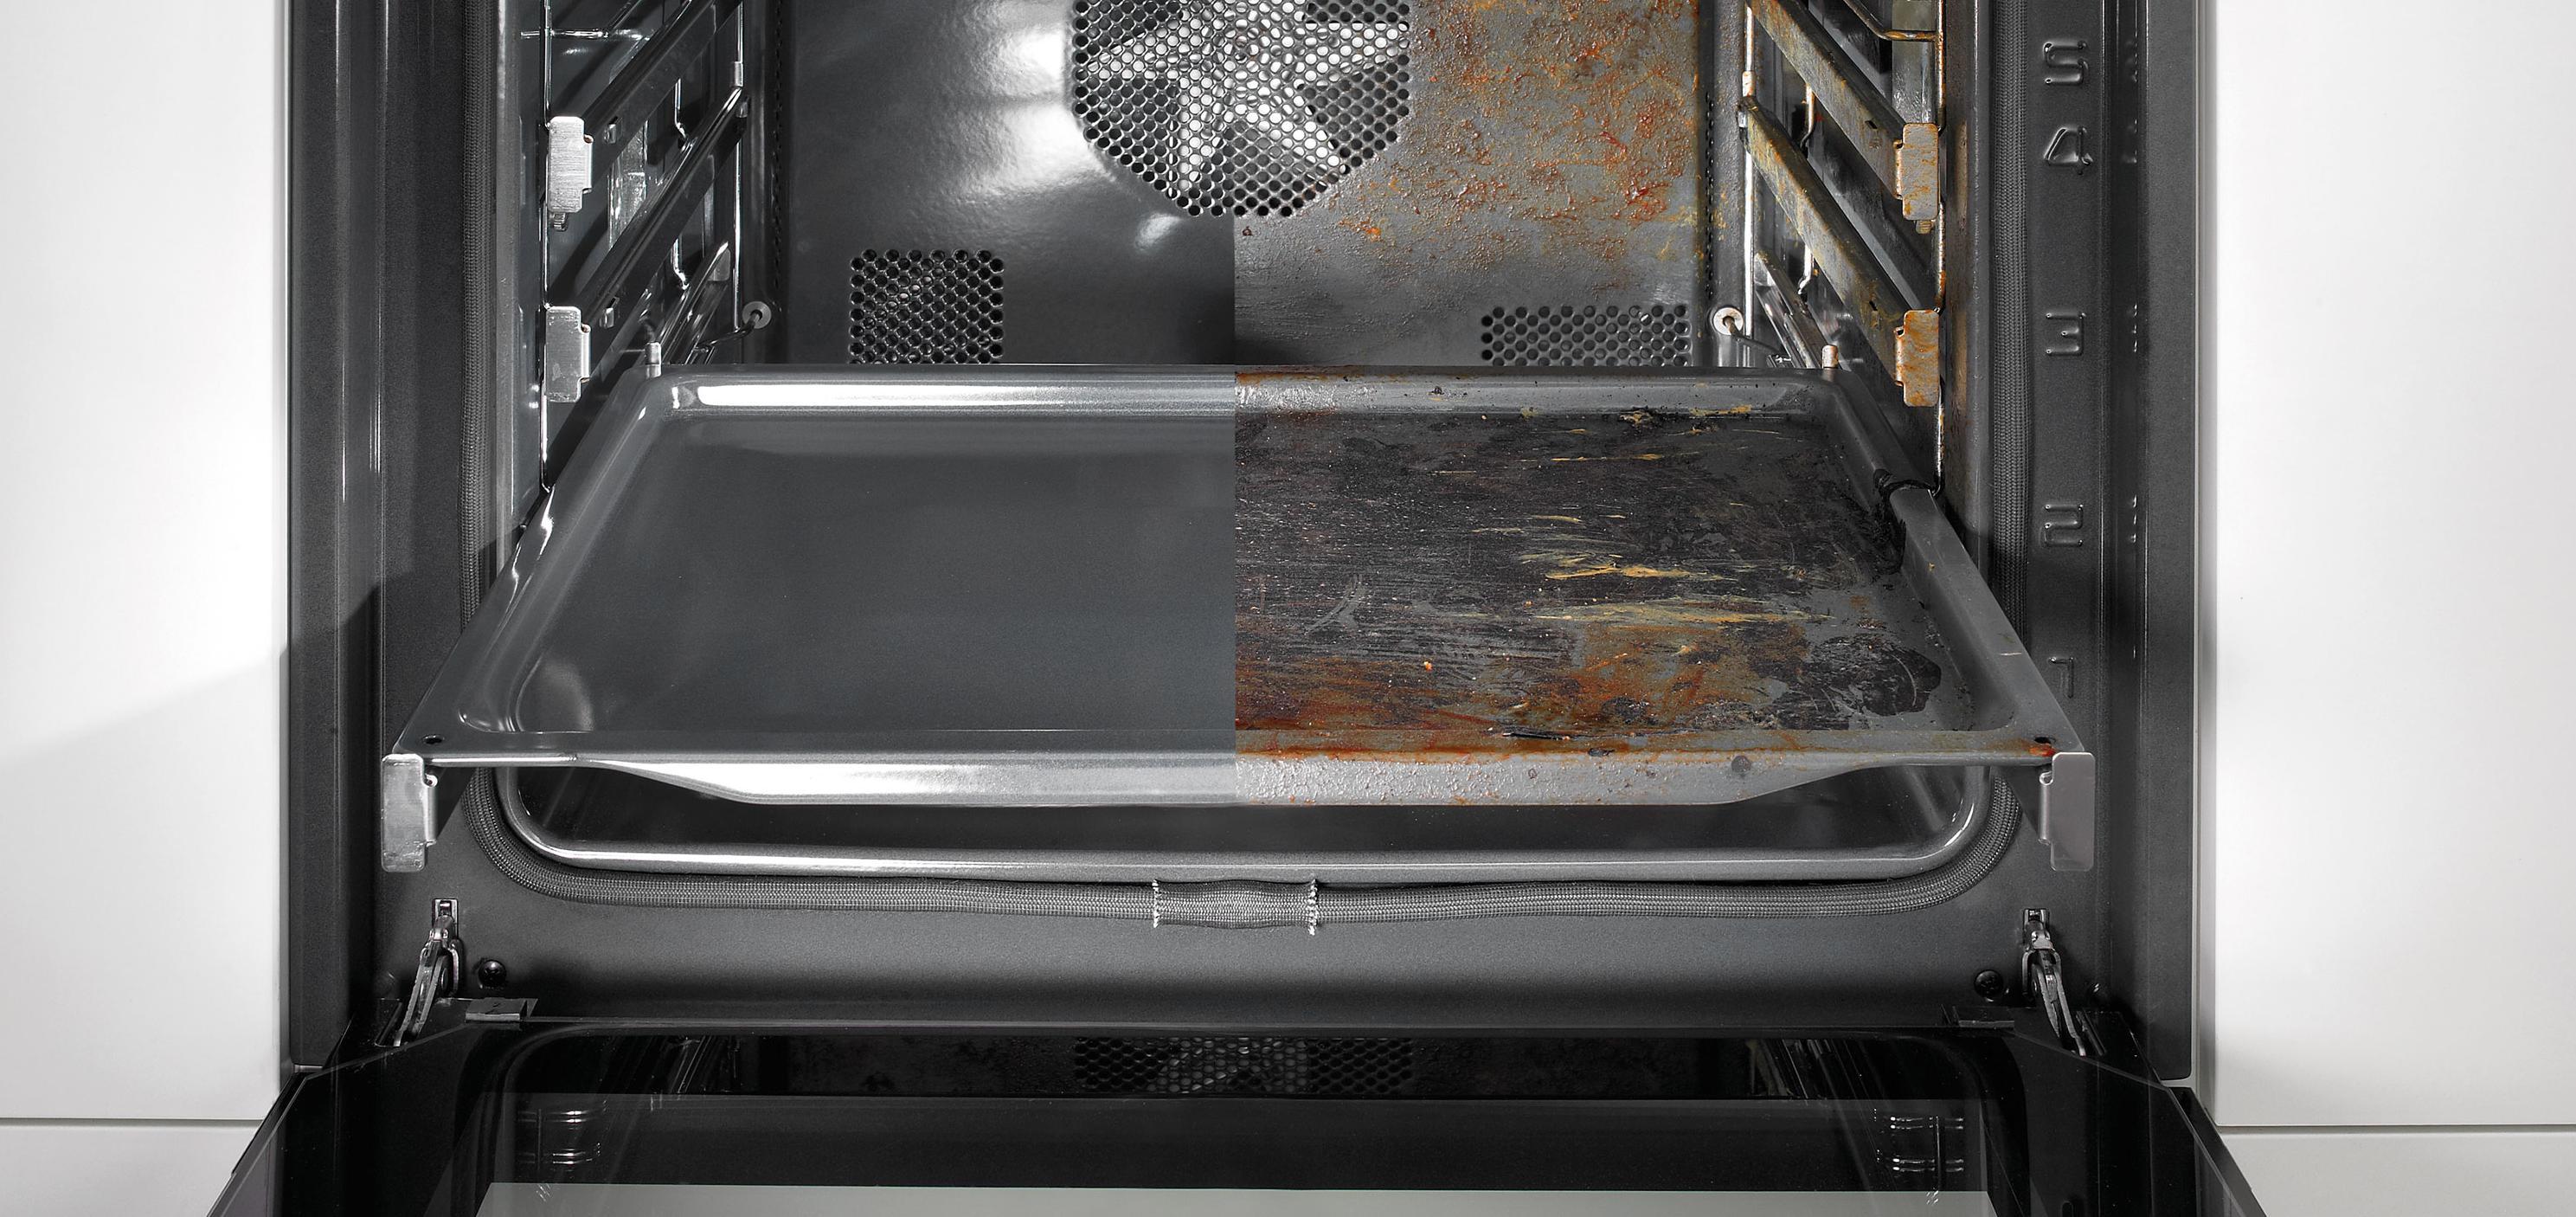 Каталитическая и пиролитическая очистка духовки: что это такое, какие отзывы о типах очистки духовых шкафов